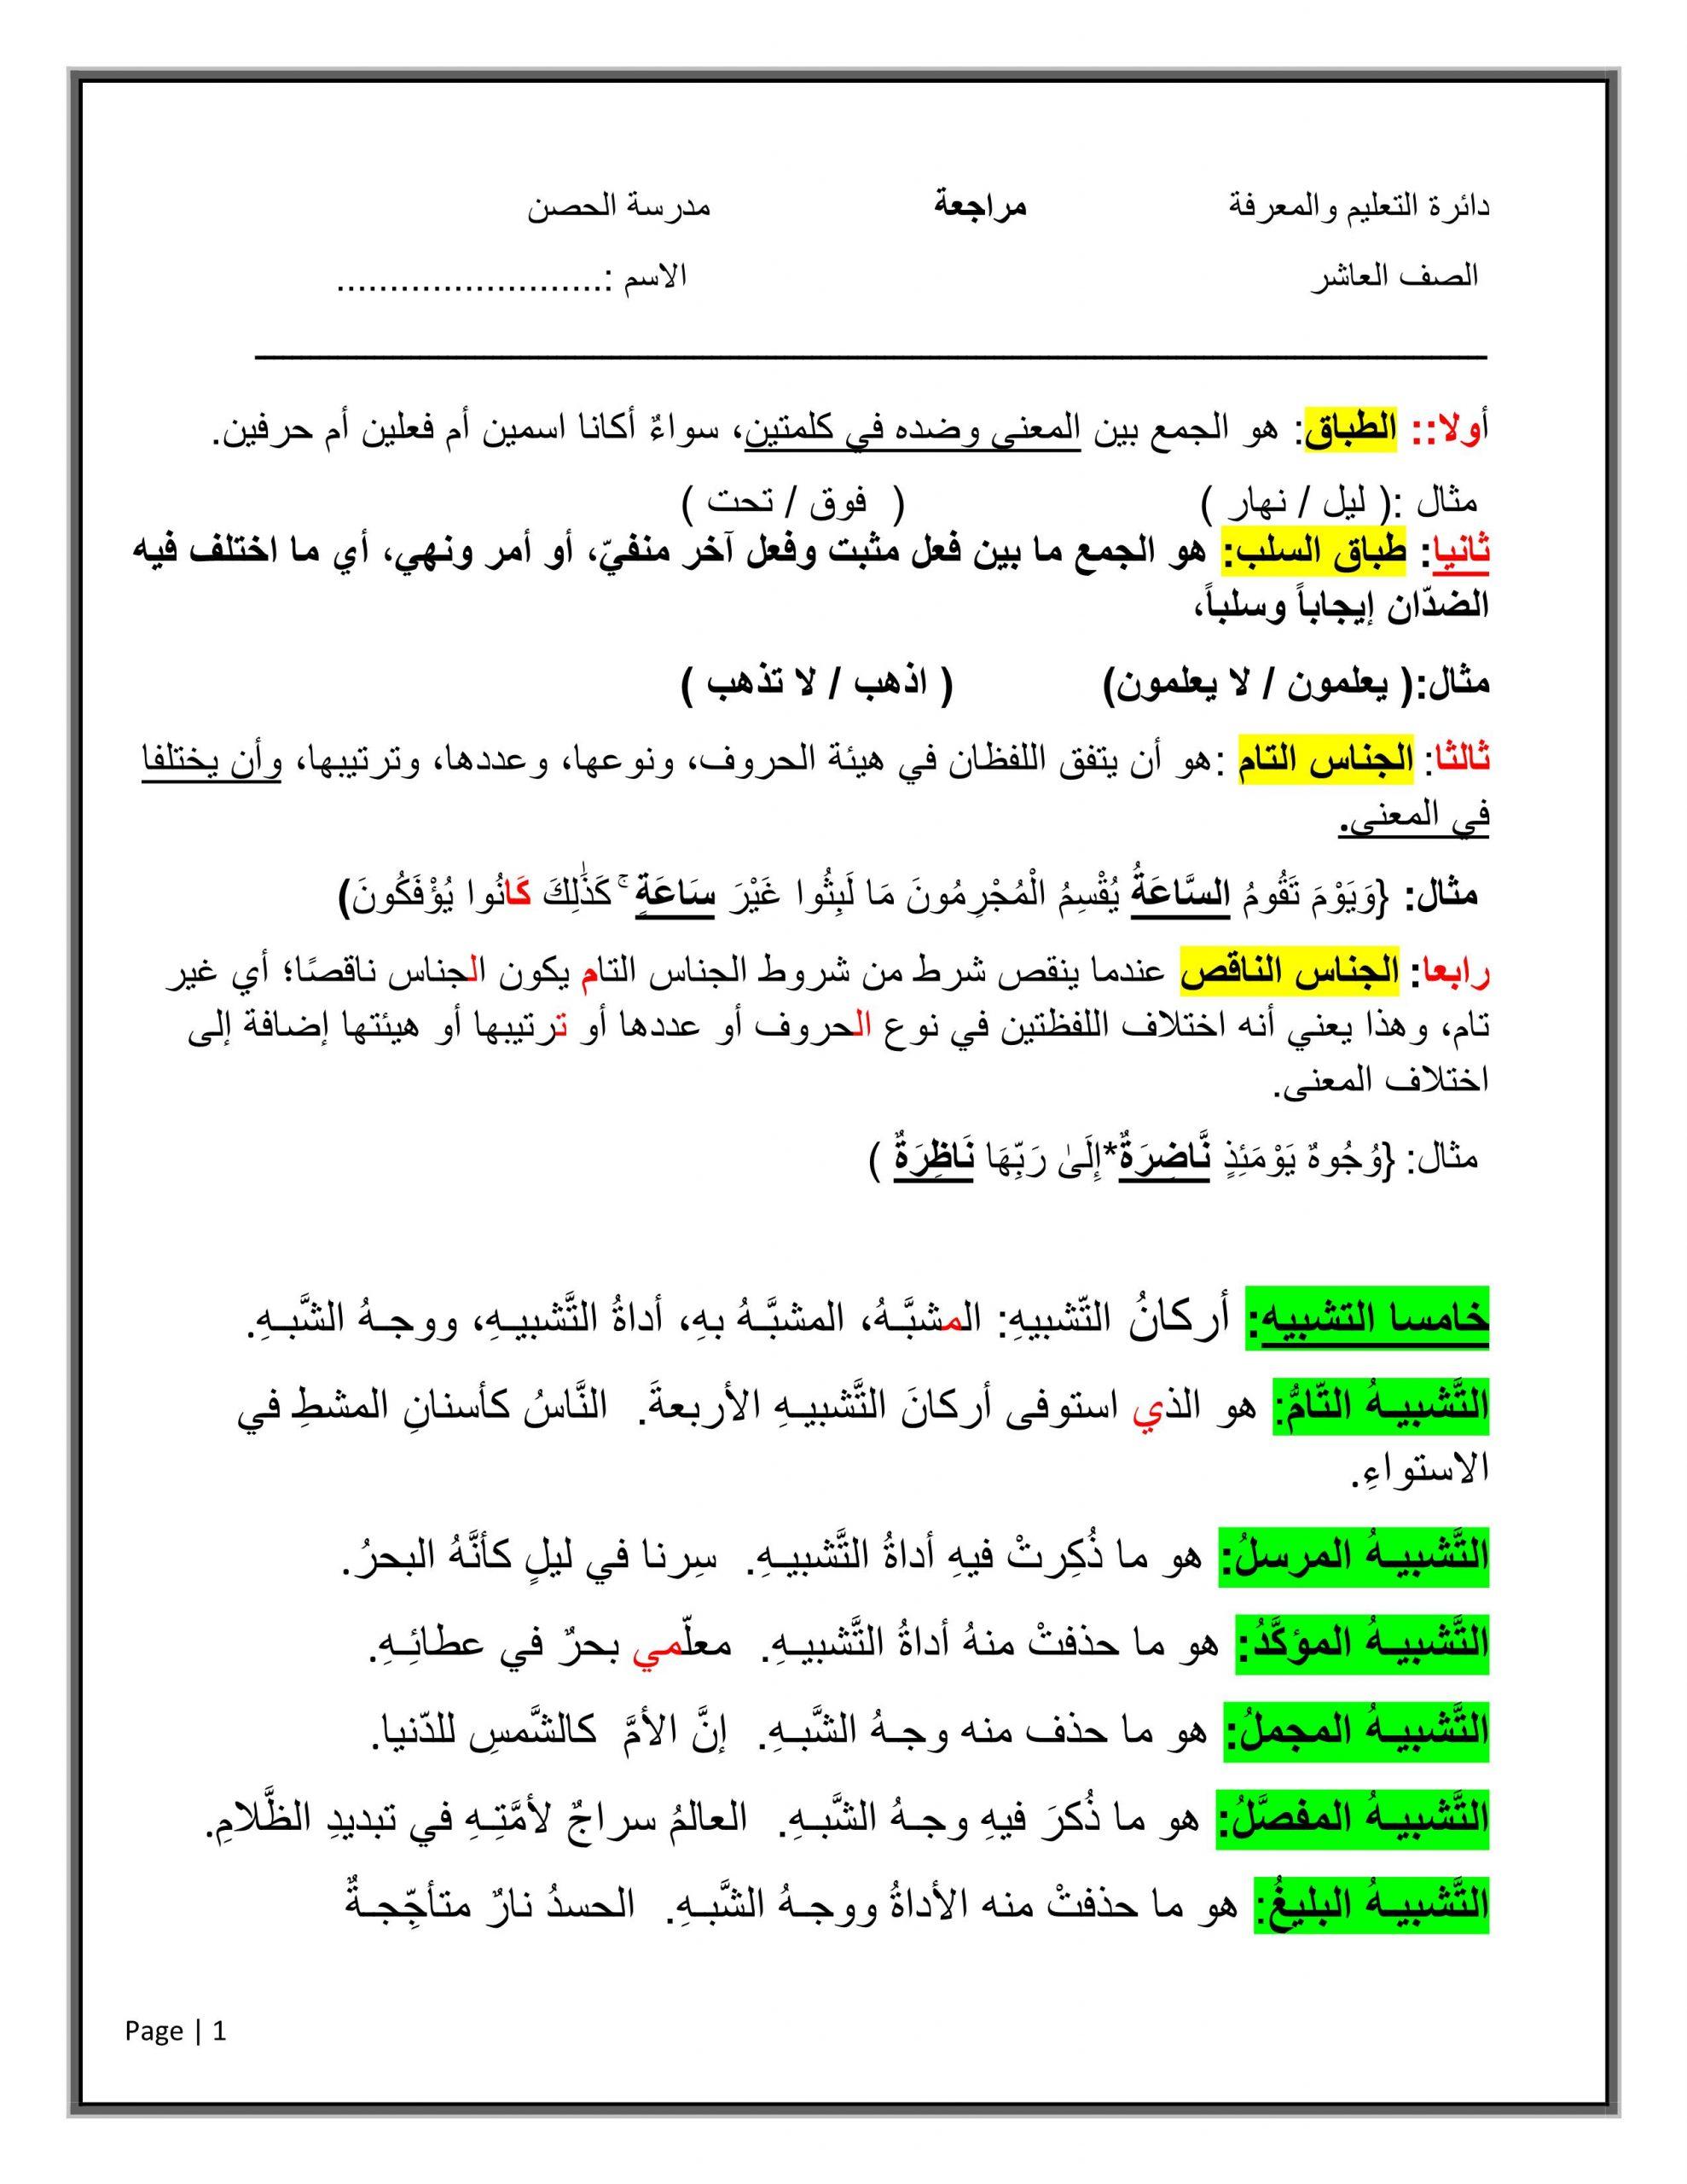 شرح واوراق عمل مراجعة الصف العاشر مادة اللغة العربية